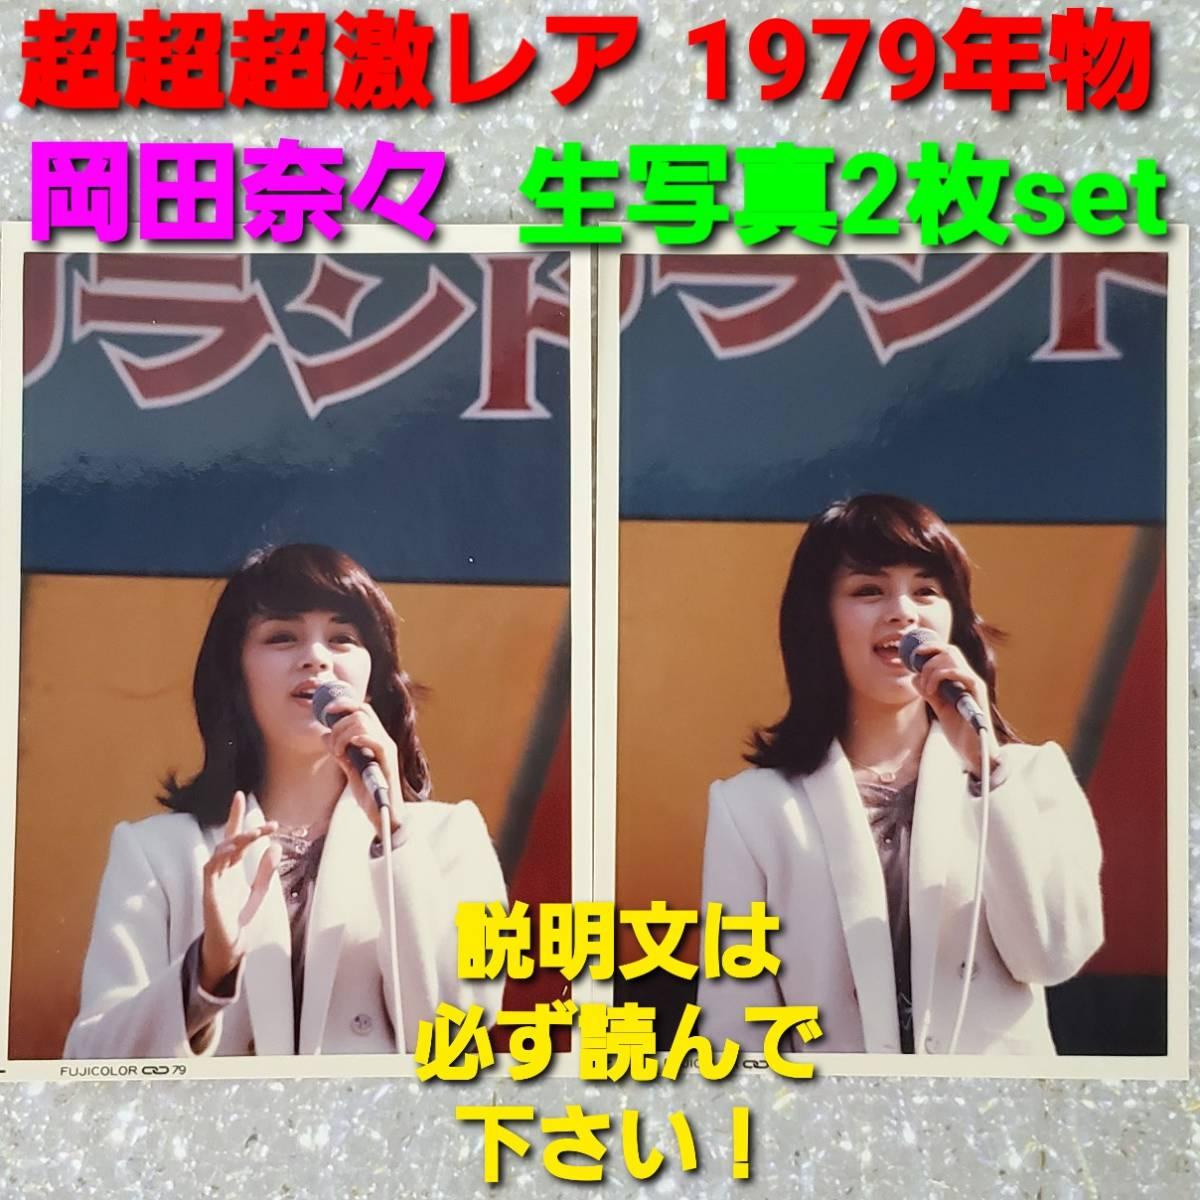 超超超超激レア★1979年物★岡田奈々さんの生写真2枚セット★